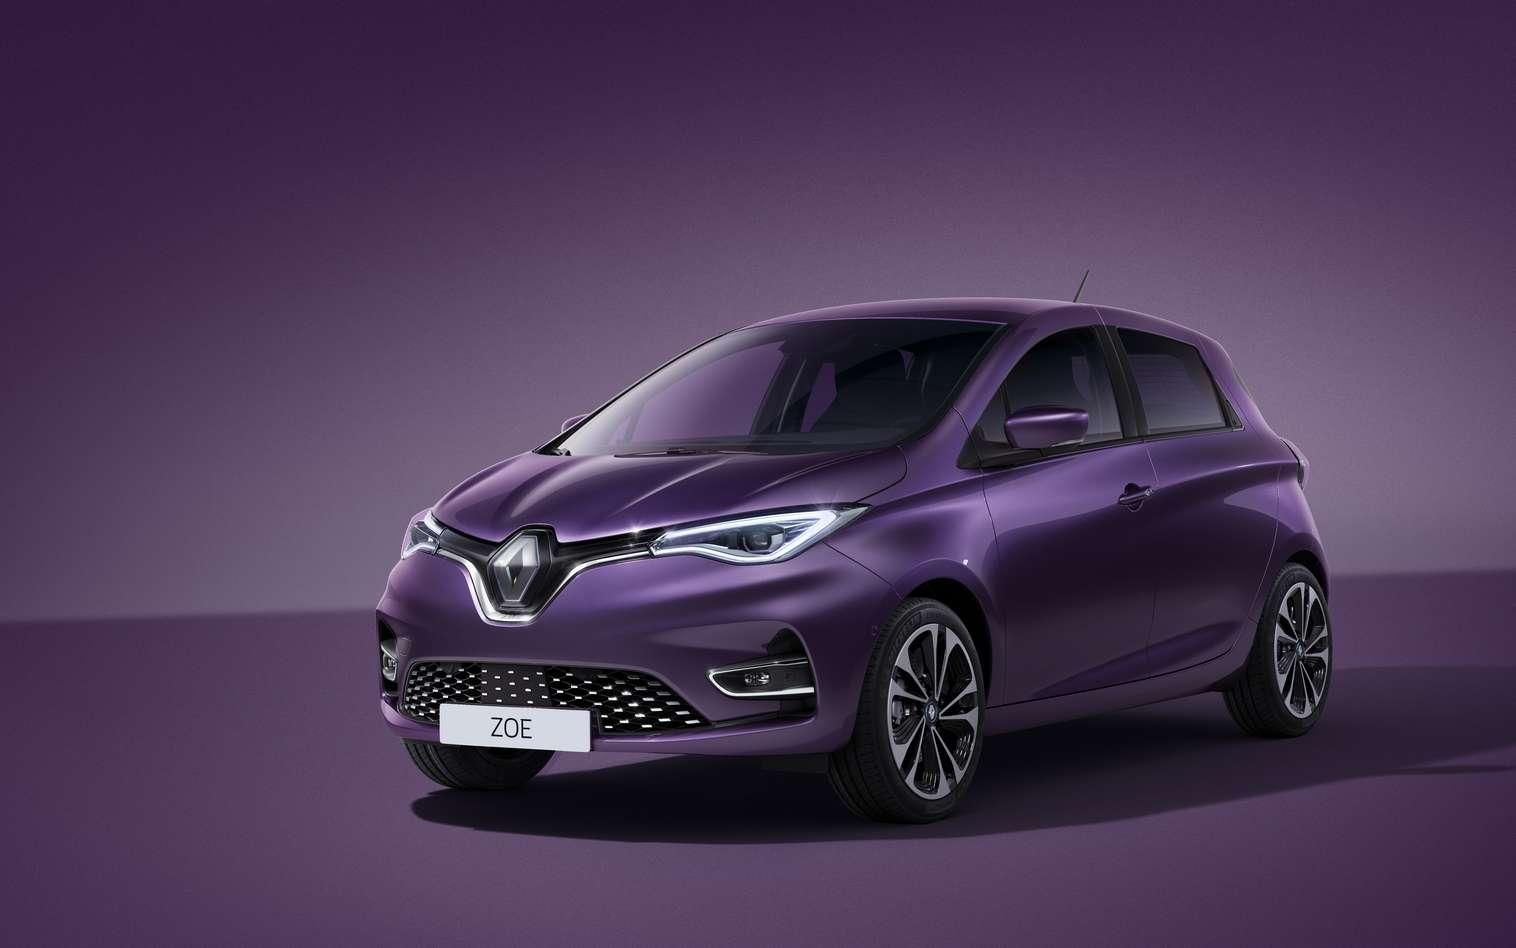 La nouvelle Renault Zoe est proposée en neuf coloris, dont trois couleurs inédites. © Renault